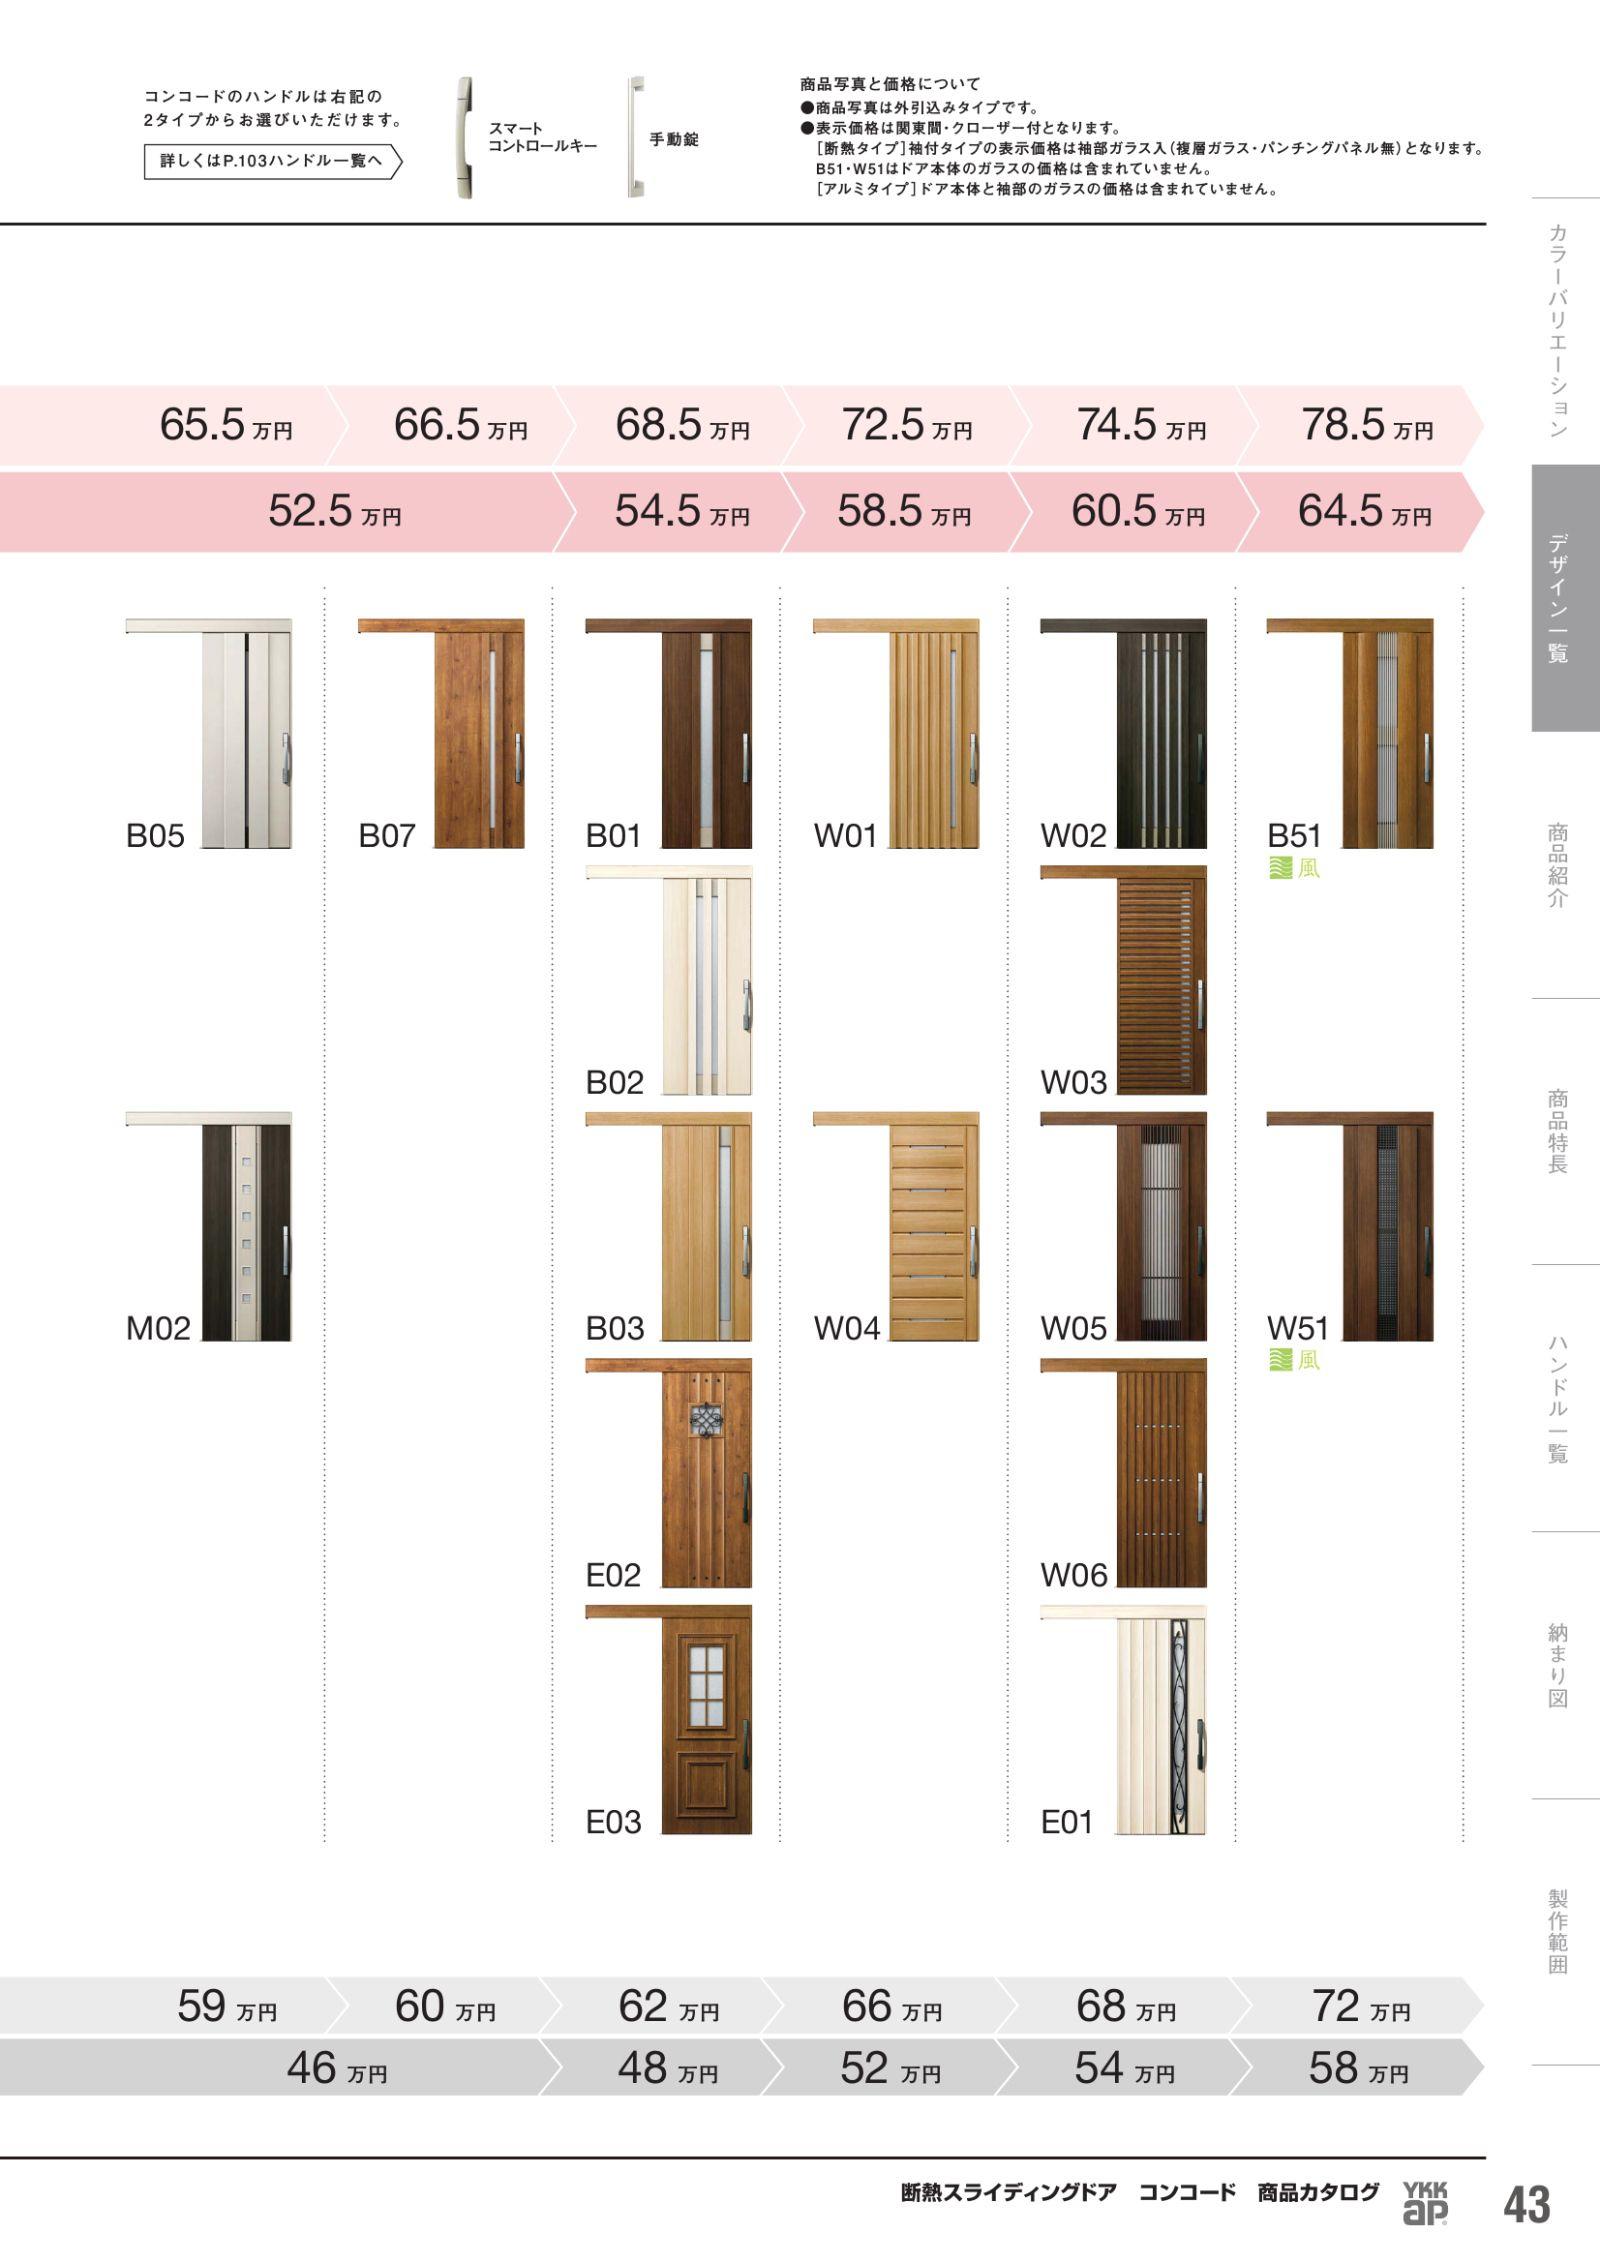 断熱スライディングドア コンコード 商品カタログ カタログビュー